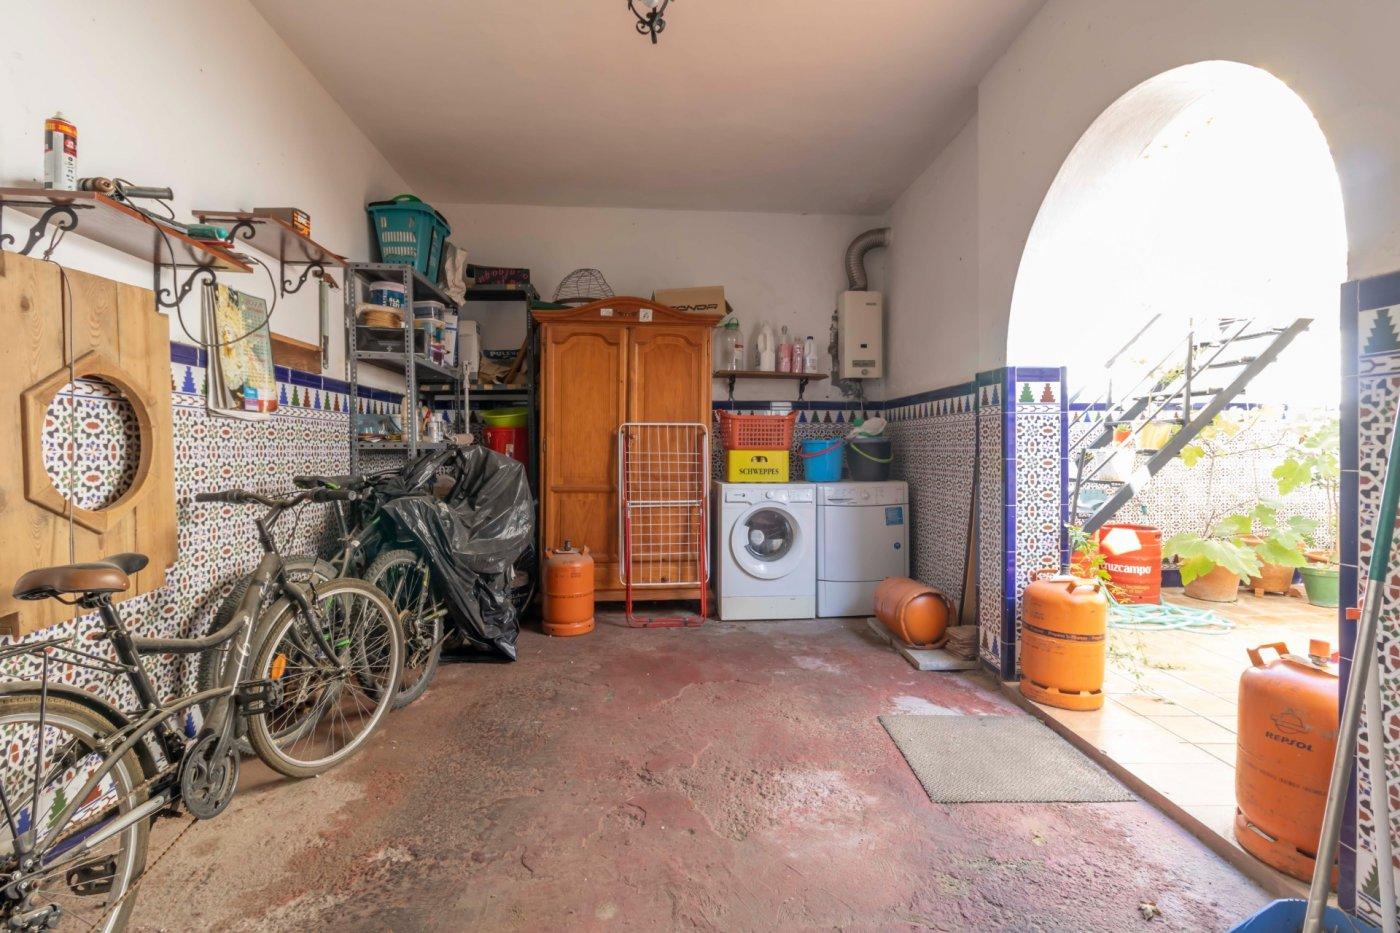 Casa a la venta en salteras - imagenInmueble23